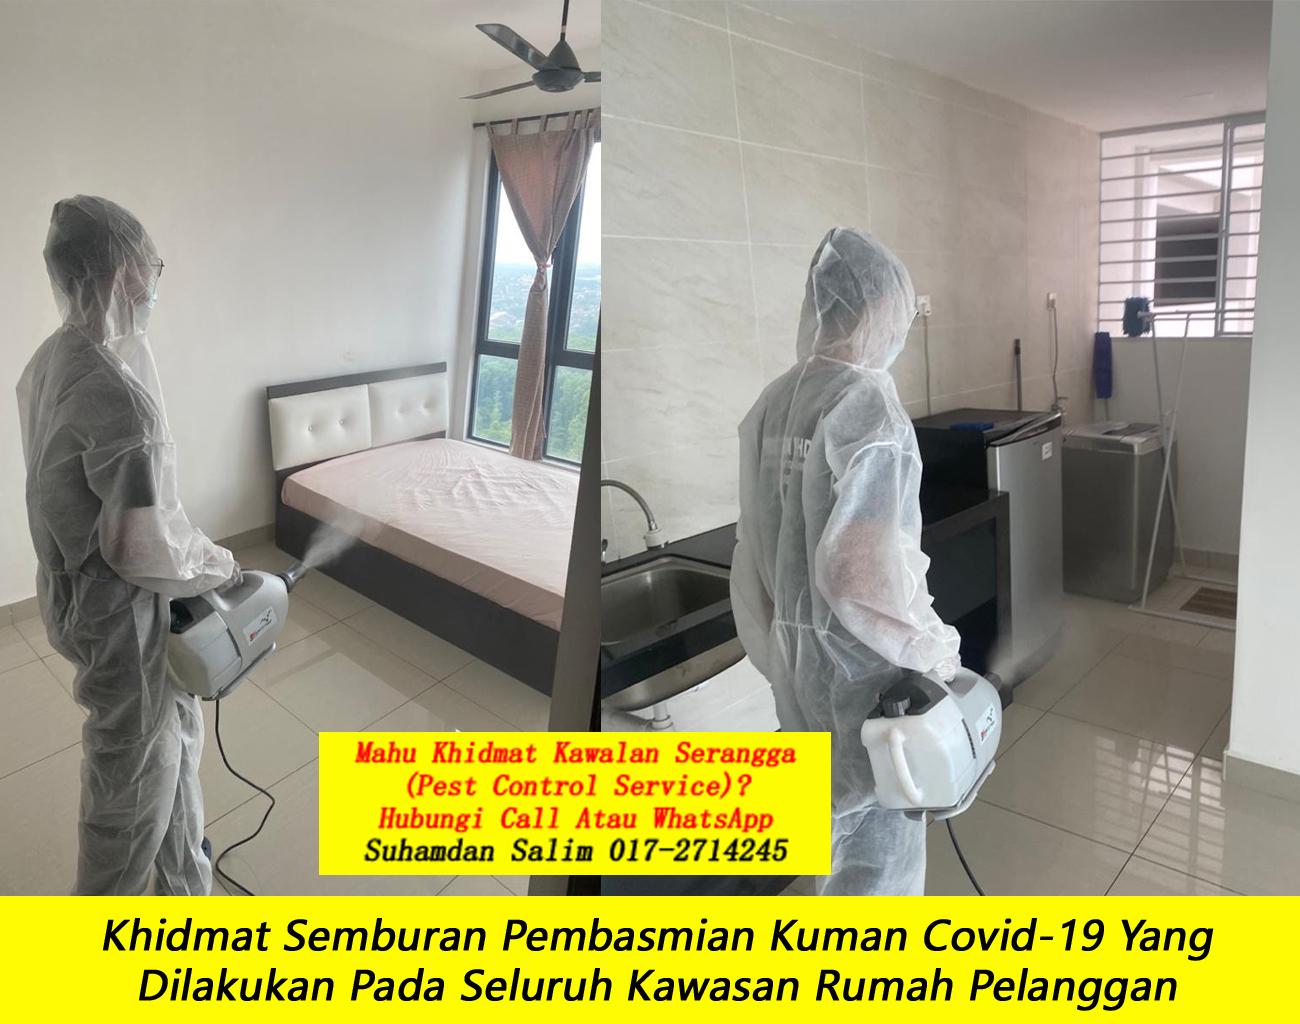 khidmat sanitizing membasmi kuman Covid-19 Disinfection Service semburan sanitize covid 19 paling berkesan dengan harga berpatutan the best service covid-19 cheras kl felda